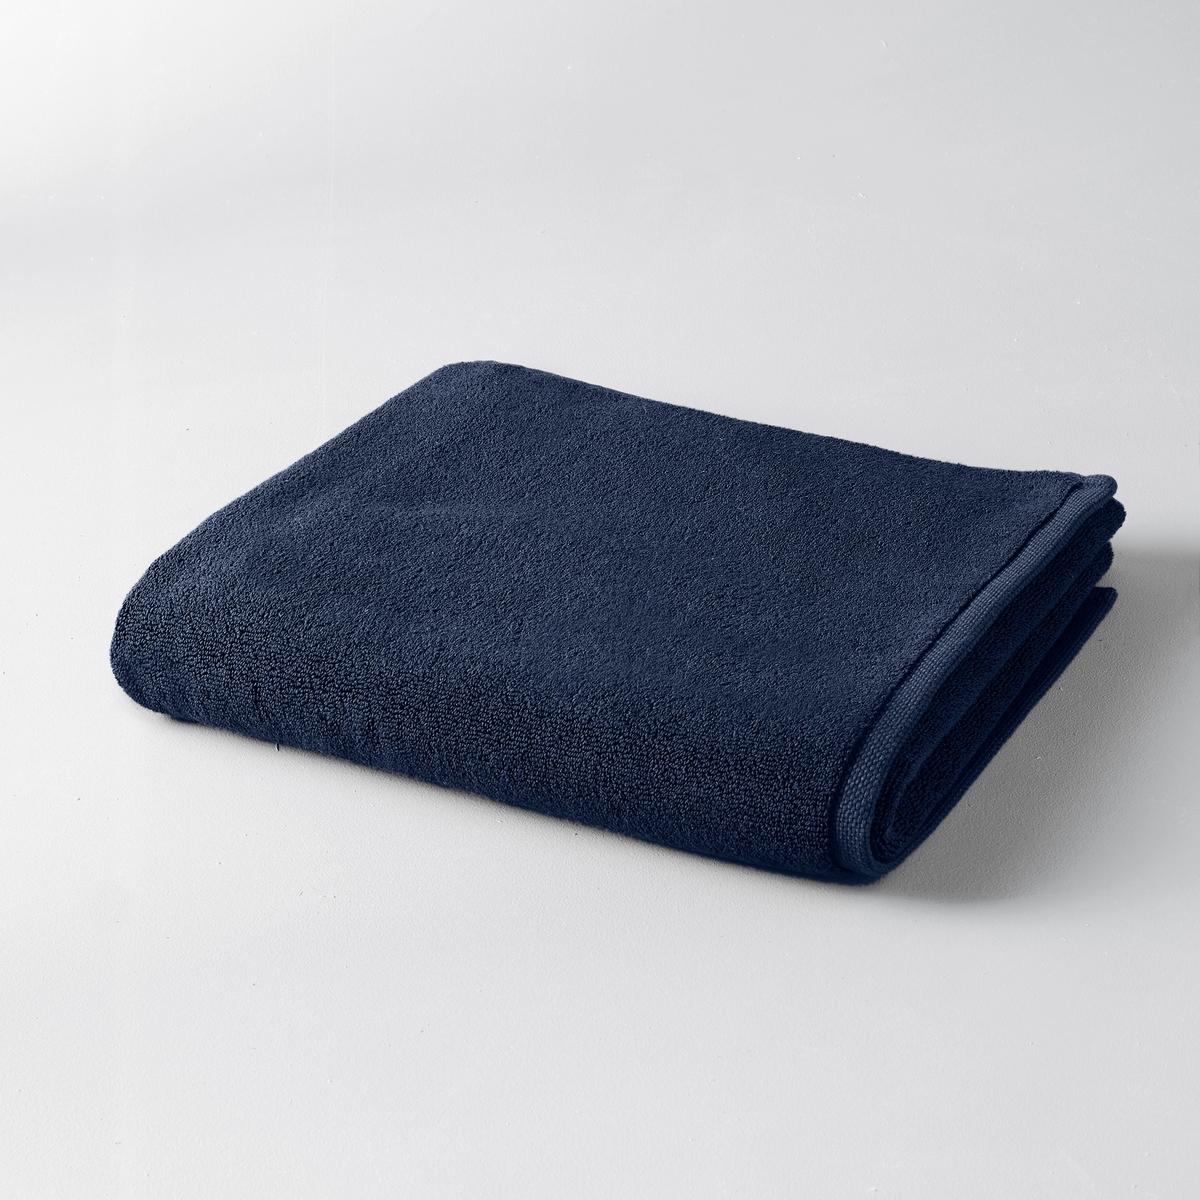 Коврик для ванной GilbearКоврик для ванной 100% хлопка Gilbear : ультрамягкая махровая ткань, очень пушистая и нежная.Материал :Махровая ткань из 100% чесаного хлопка 800 гр/м?, очень мягкая и износоустойчивая.Отделка :Жаккардовая кромка с микрорисунком икринки.Уход: :Стирка при 60°.Размеры :- 60 x 60 см : квадратный.- 60 x 100 см : прямоугольный.<br><br>Цвет: светло-серый,серо-розовый,темно-серый<br>Размер: 60 x 100 см.60 x 60  см.60 x 60  см